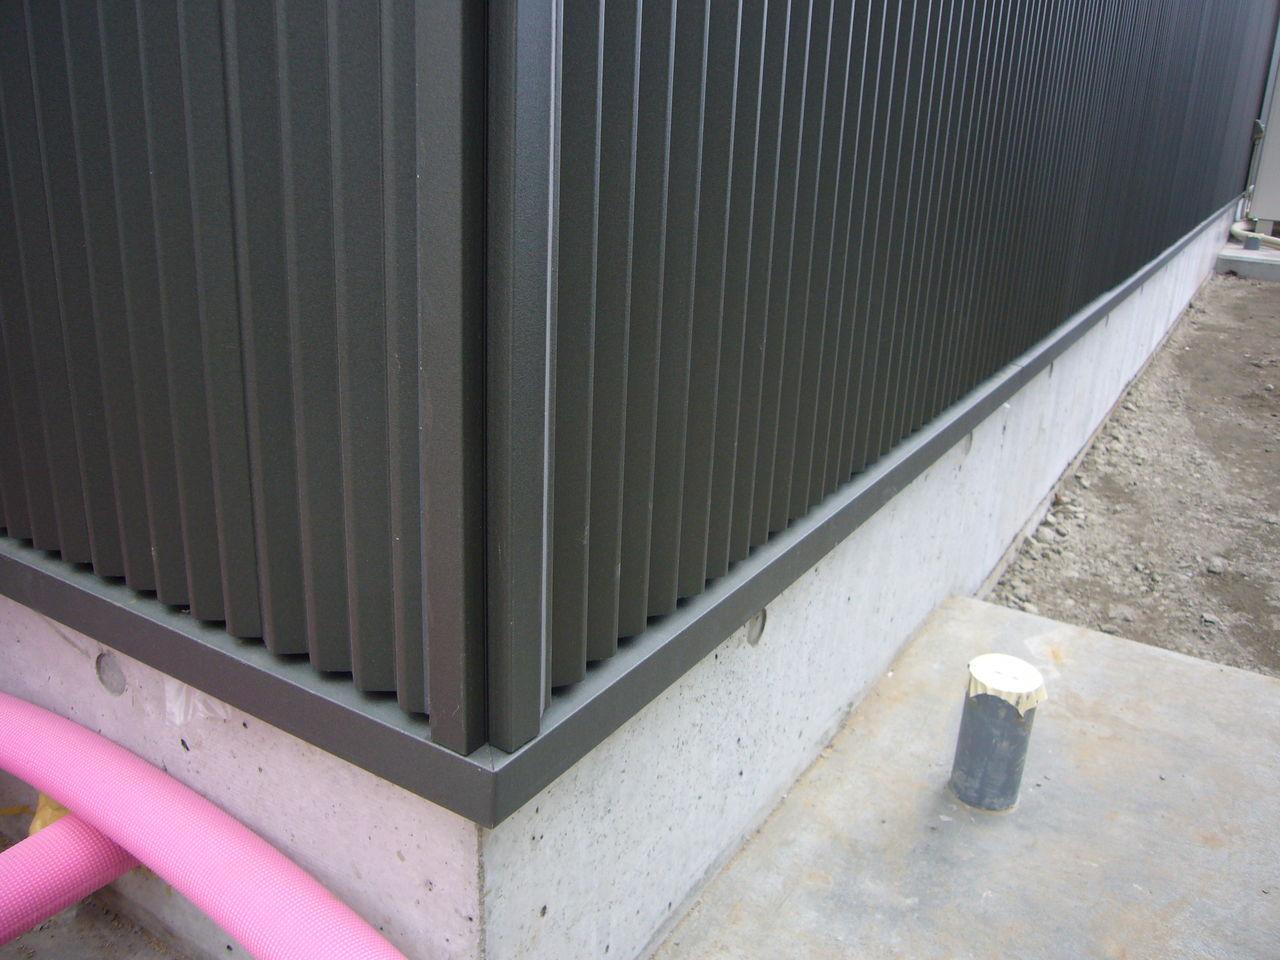 コーナー部材の形状が工夫されていて「段落ち」加工がされているためスッキリとみえますね。 土台水切りも細めに加工されています。